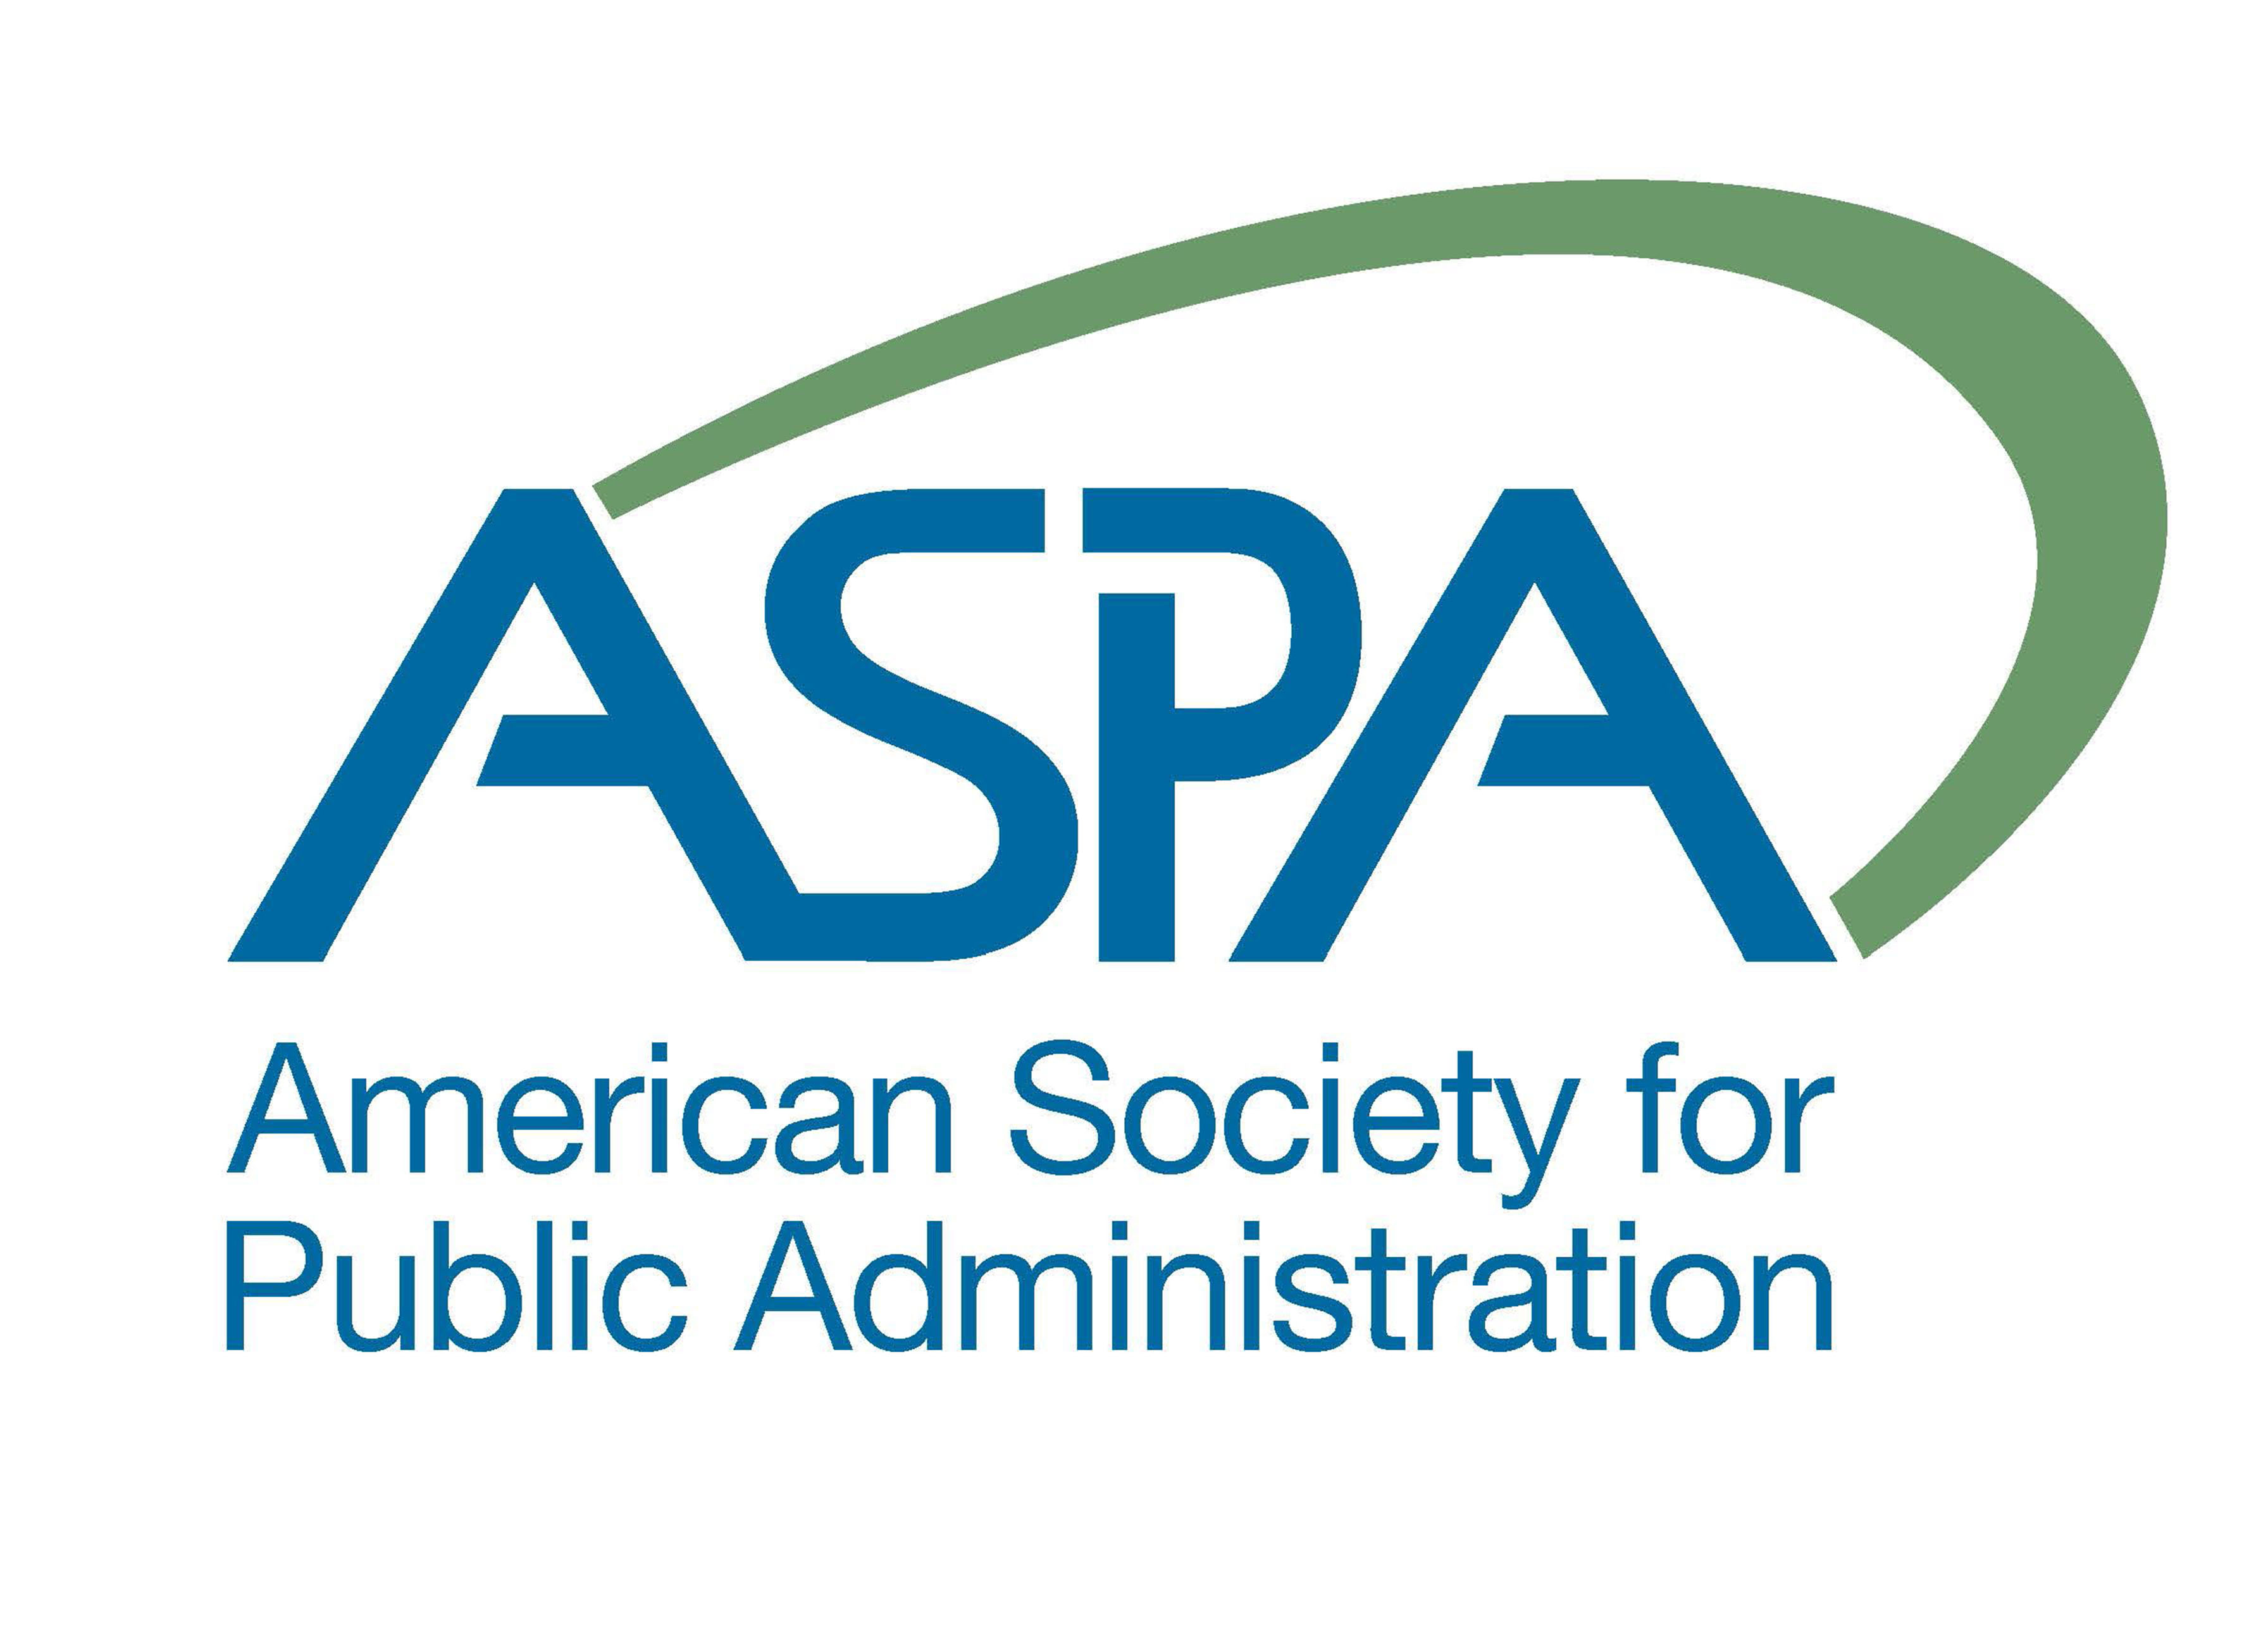 ASPA_logo_print.jpg